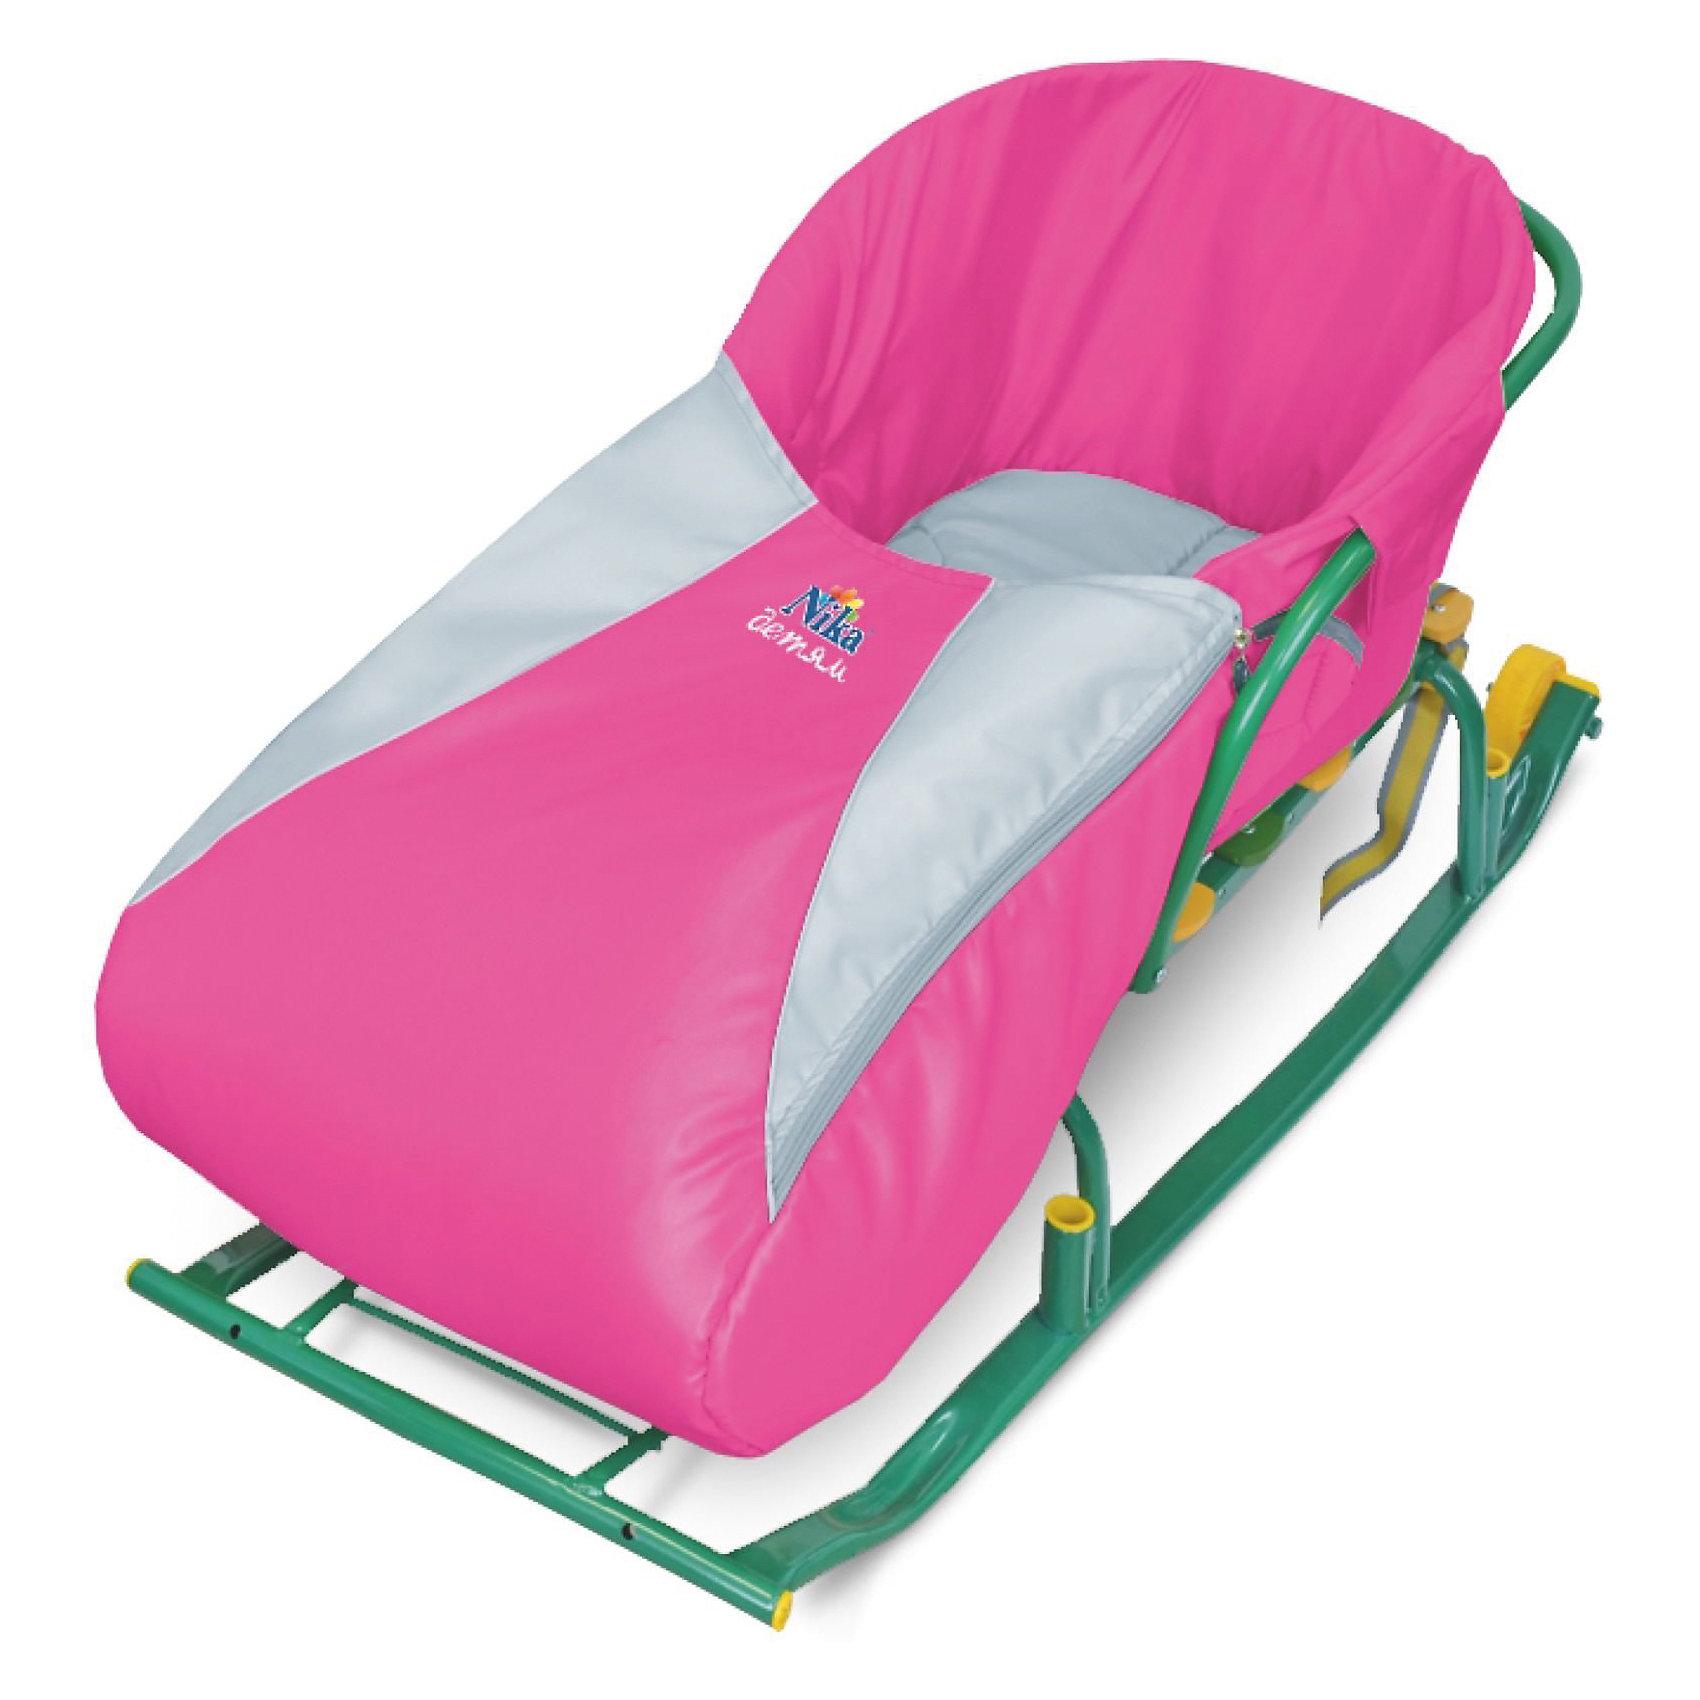 Сиденье с чехлом для ног, розовый, НикаСиденье с чехлом для ног, розовый, Ника - удобное, мягкое и теплое сидение обеспечит комфорт и удобство малыша.<br> Молния на сиденье позволяет максимально быстро и удобно посадить малыша в санки.<br> Яркий цвет сидения создаст хорошее настроение в зимнее время.<br> Материал верха и низа-ткань с водоотталкивающей пропиткой.<br> Внутренний утеплитель- поролон.<br> Материал приятен на ощупь, не продувается и не промокает.<br> Сиденье надежно крепится к санкам.<br> В случае загрязнения изделие хорошо стирается.<br><br>Сиденье с чехлом для ног, розовый, Ника можно купить в нашем интернет-магазине.<br><br>Ширина мм: 300<br>Глубина мм: 300<br>Высота мм: 30<br>Вес г: 2000<br>Возраст от месяцев: 36<br>Возраст до месяцев: 144<br>Пол: Унисекс<br>Возраст: Детский<br>SKU: 5248178